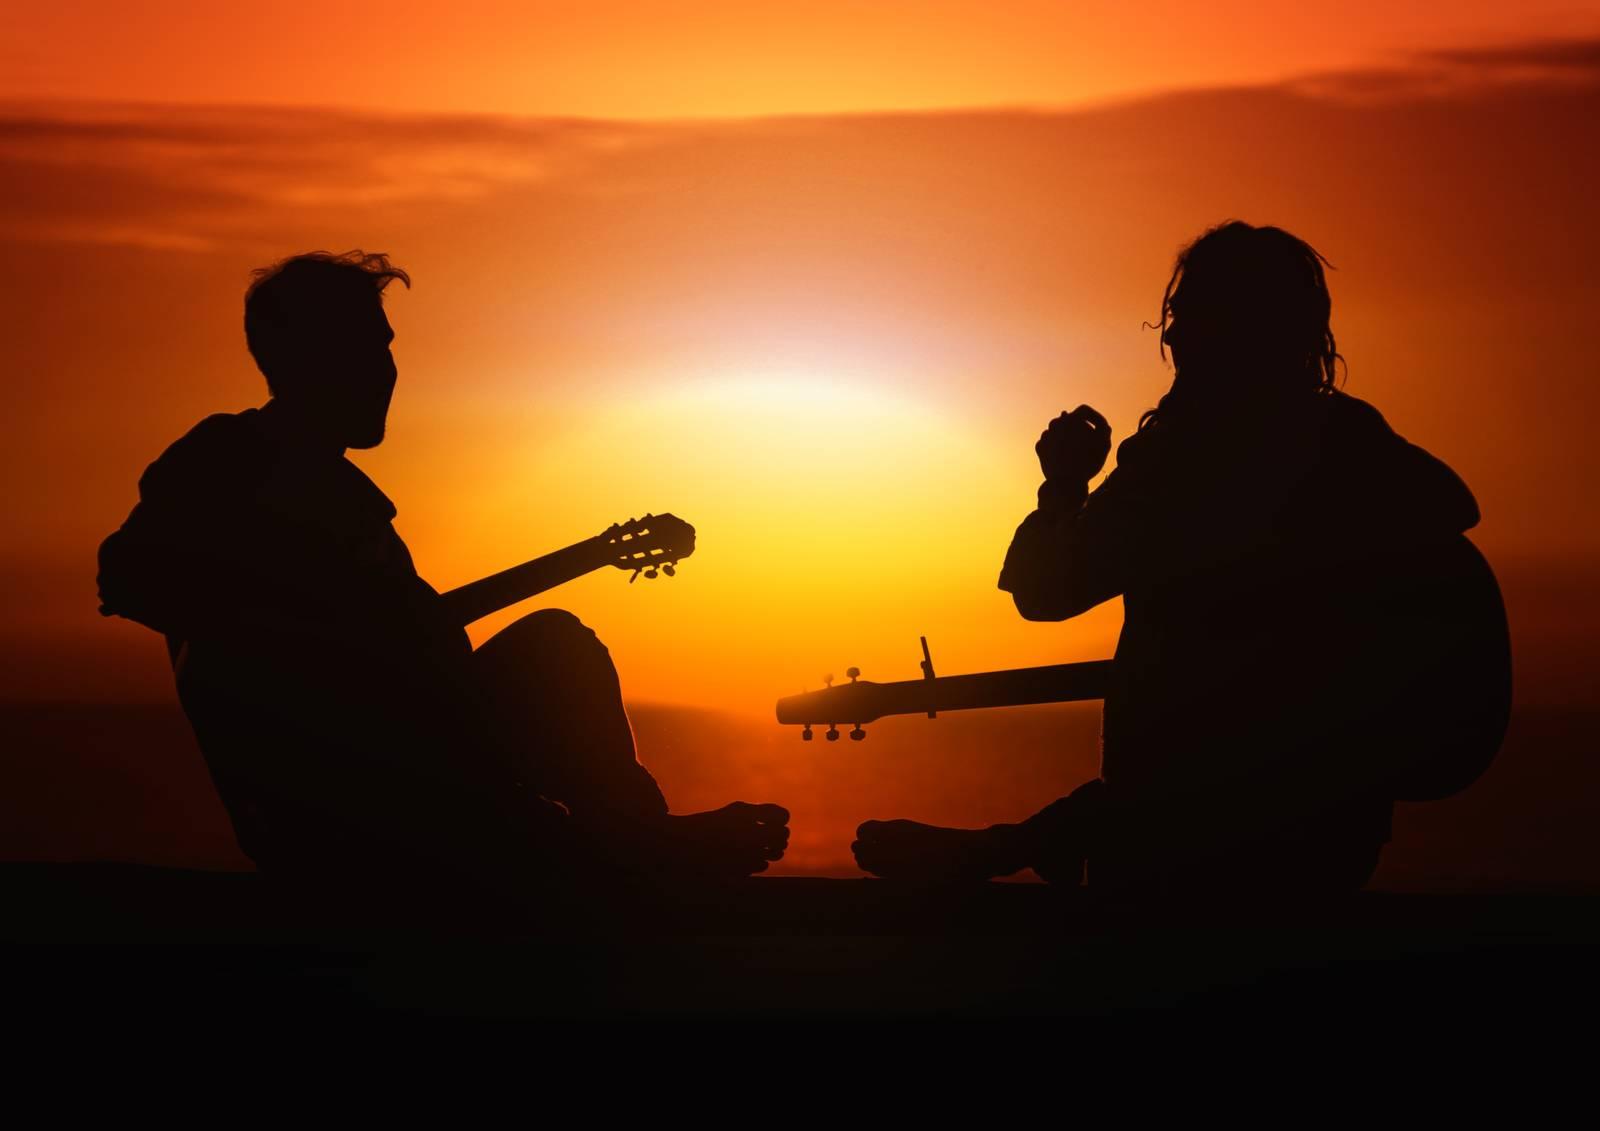 guitar, sunset